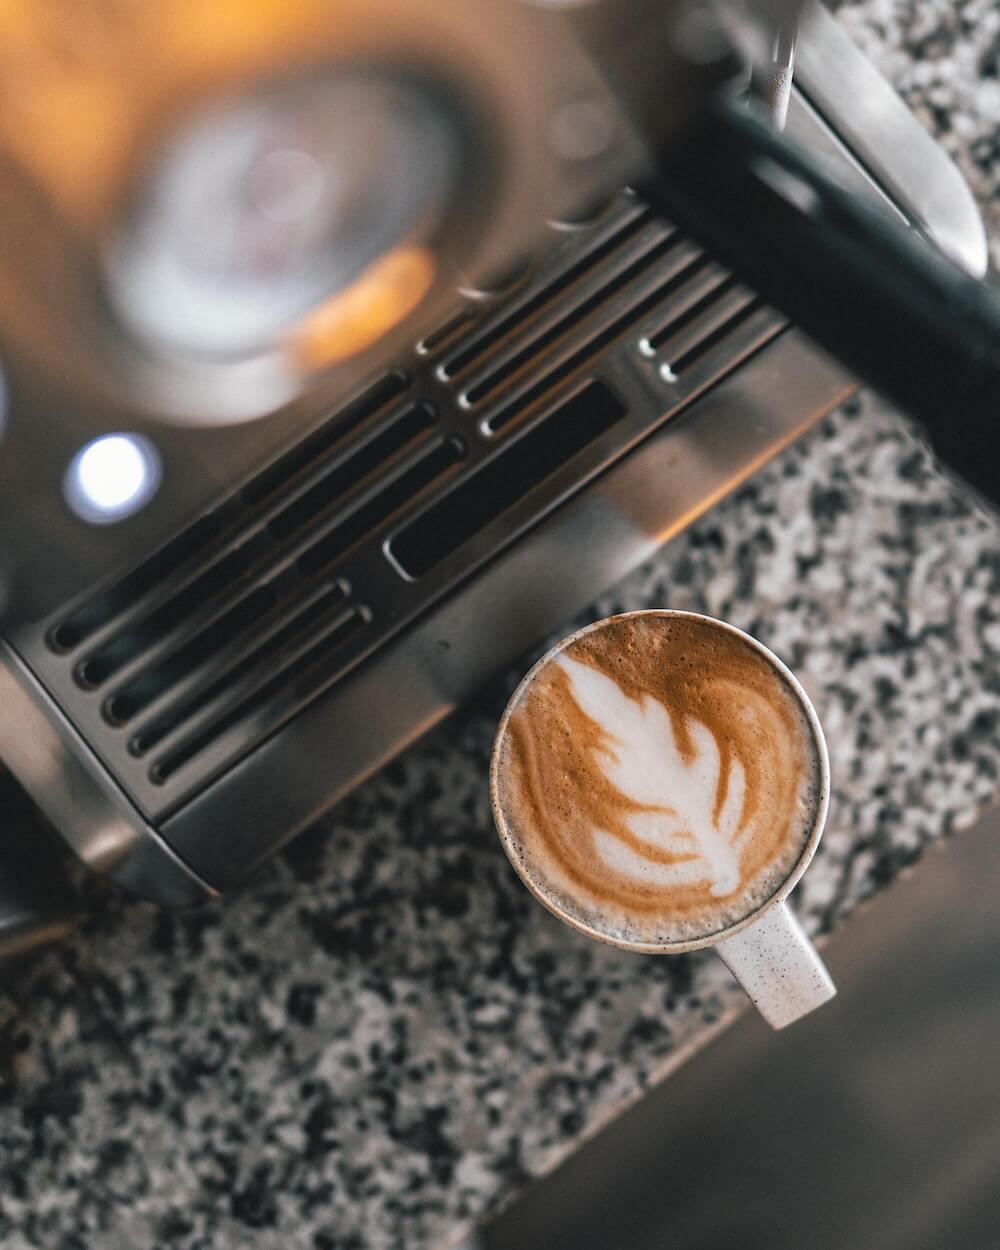 Frischer Kaffee neben einer Kaffeemaschine